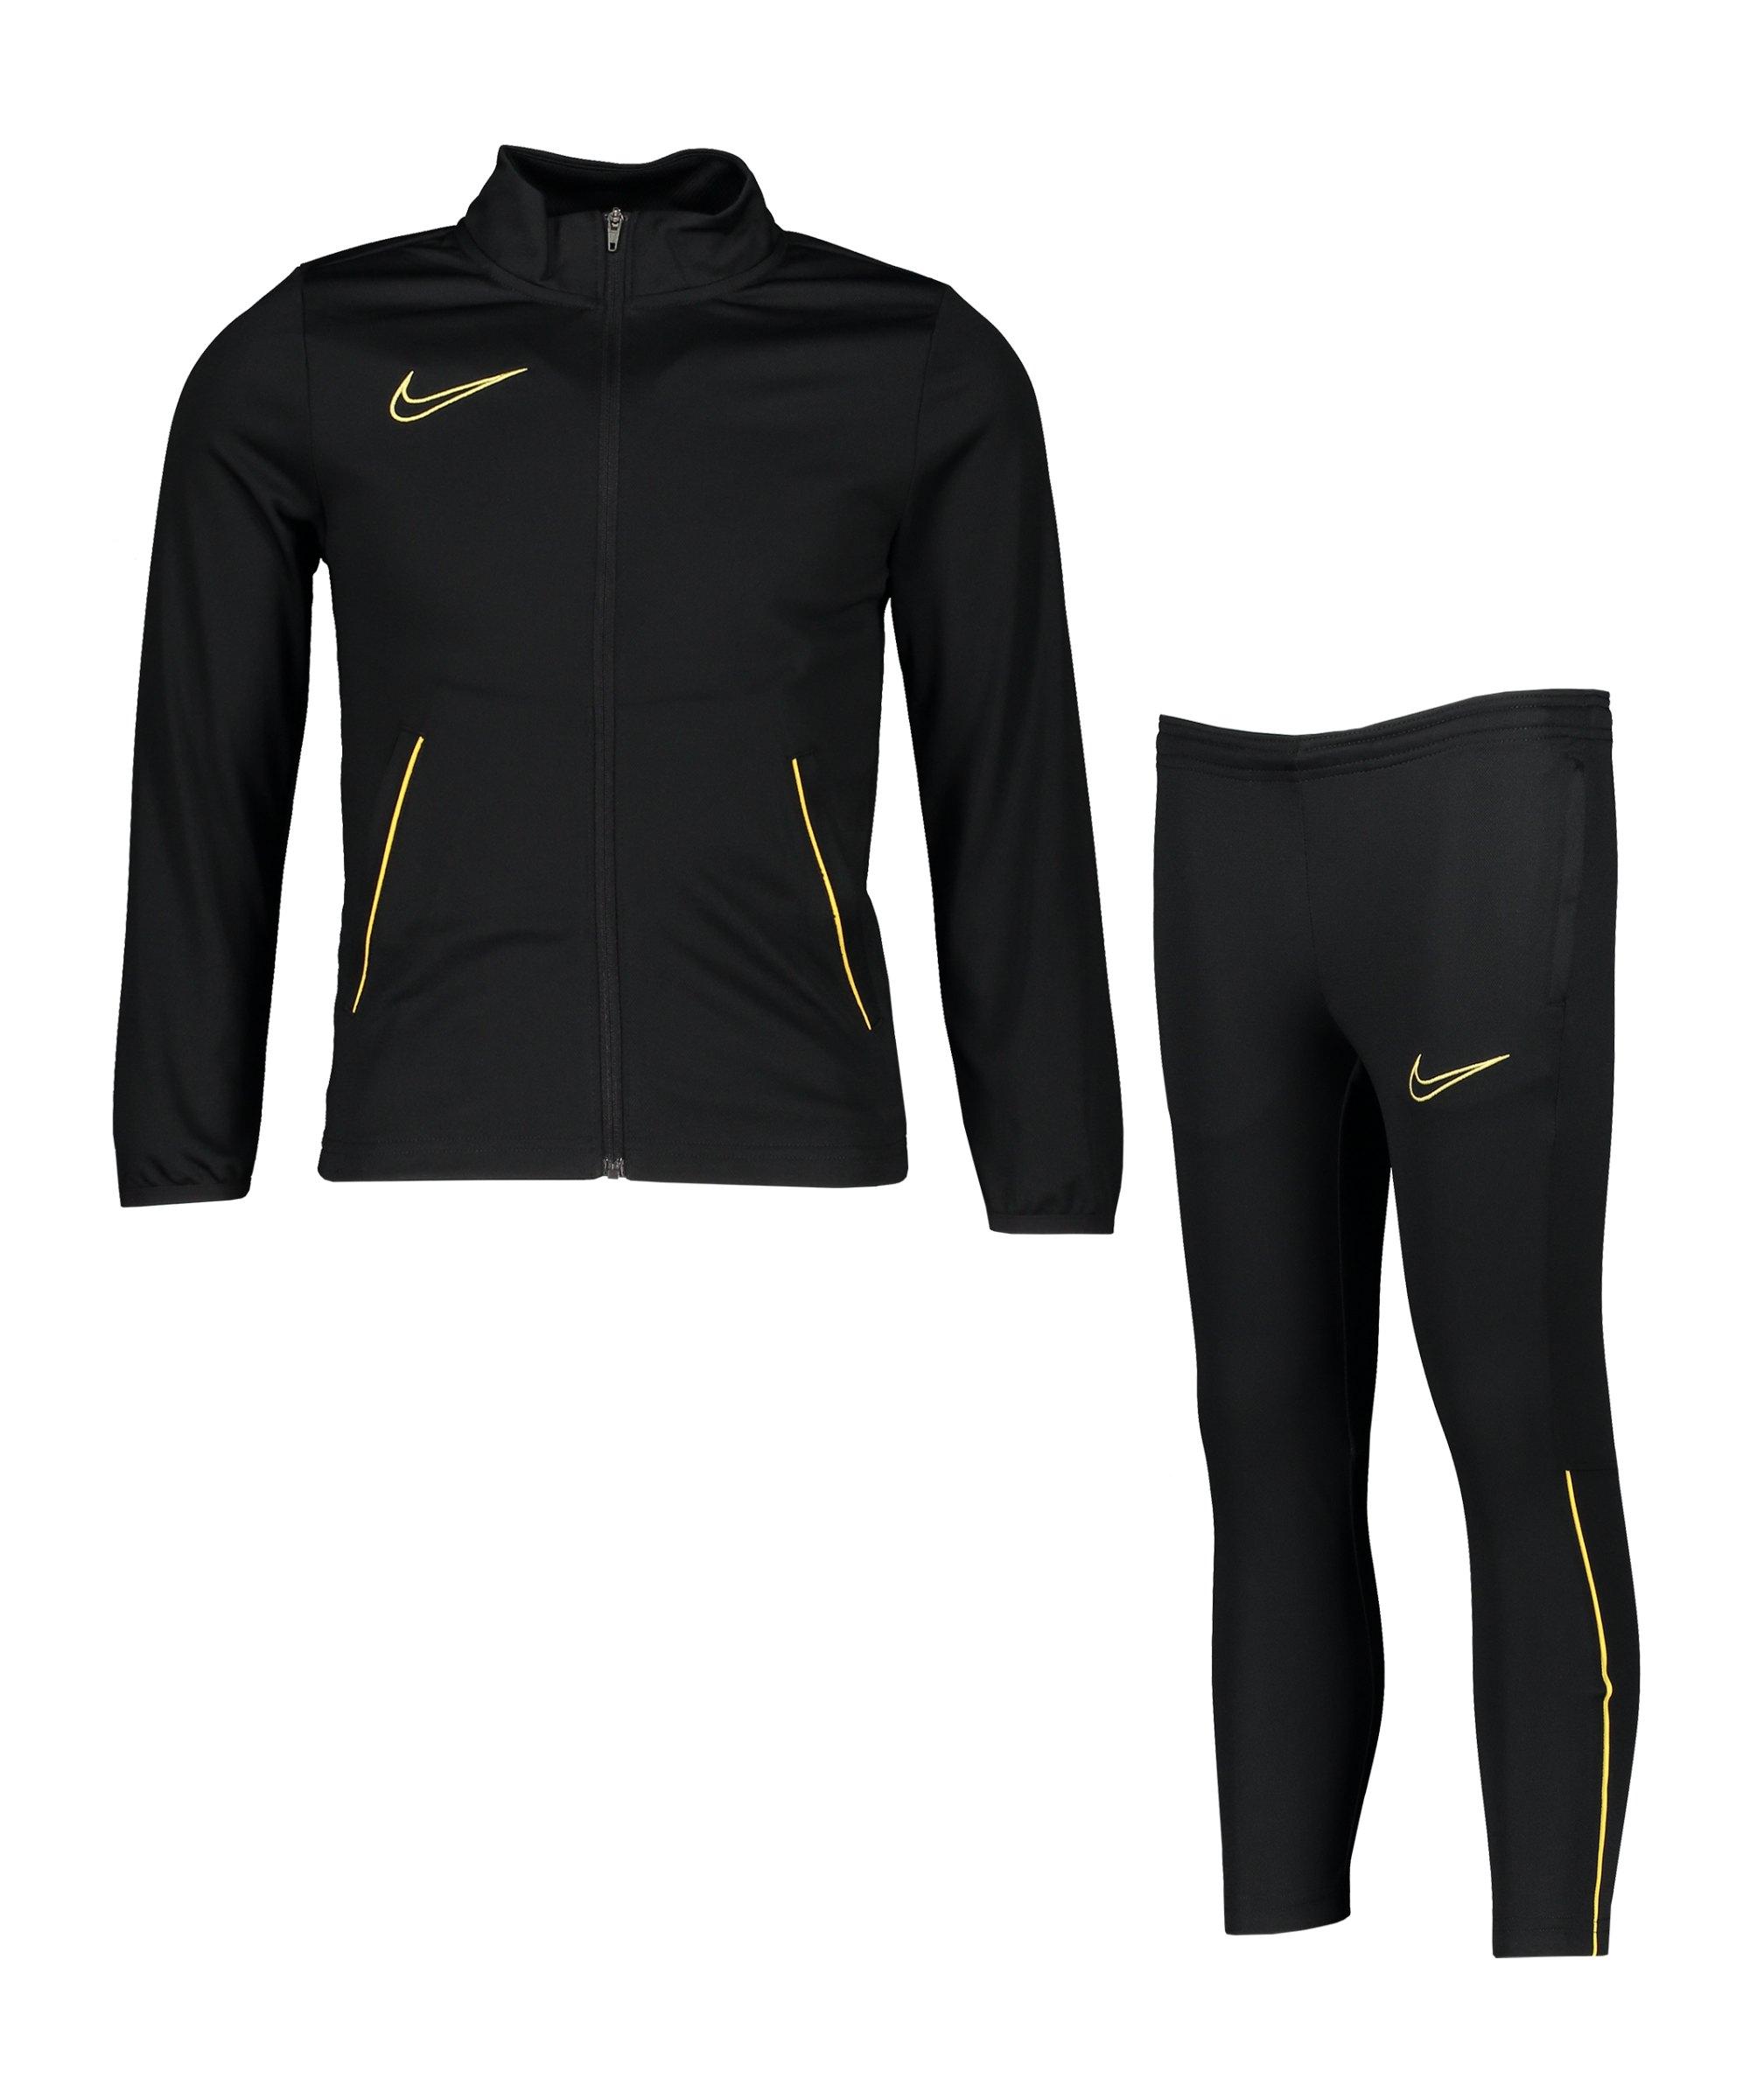 Nike Academy 21 Trainingsanzug Kids F014 - schwarz